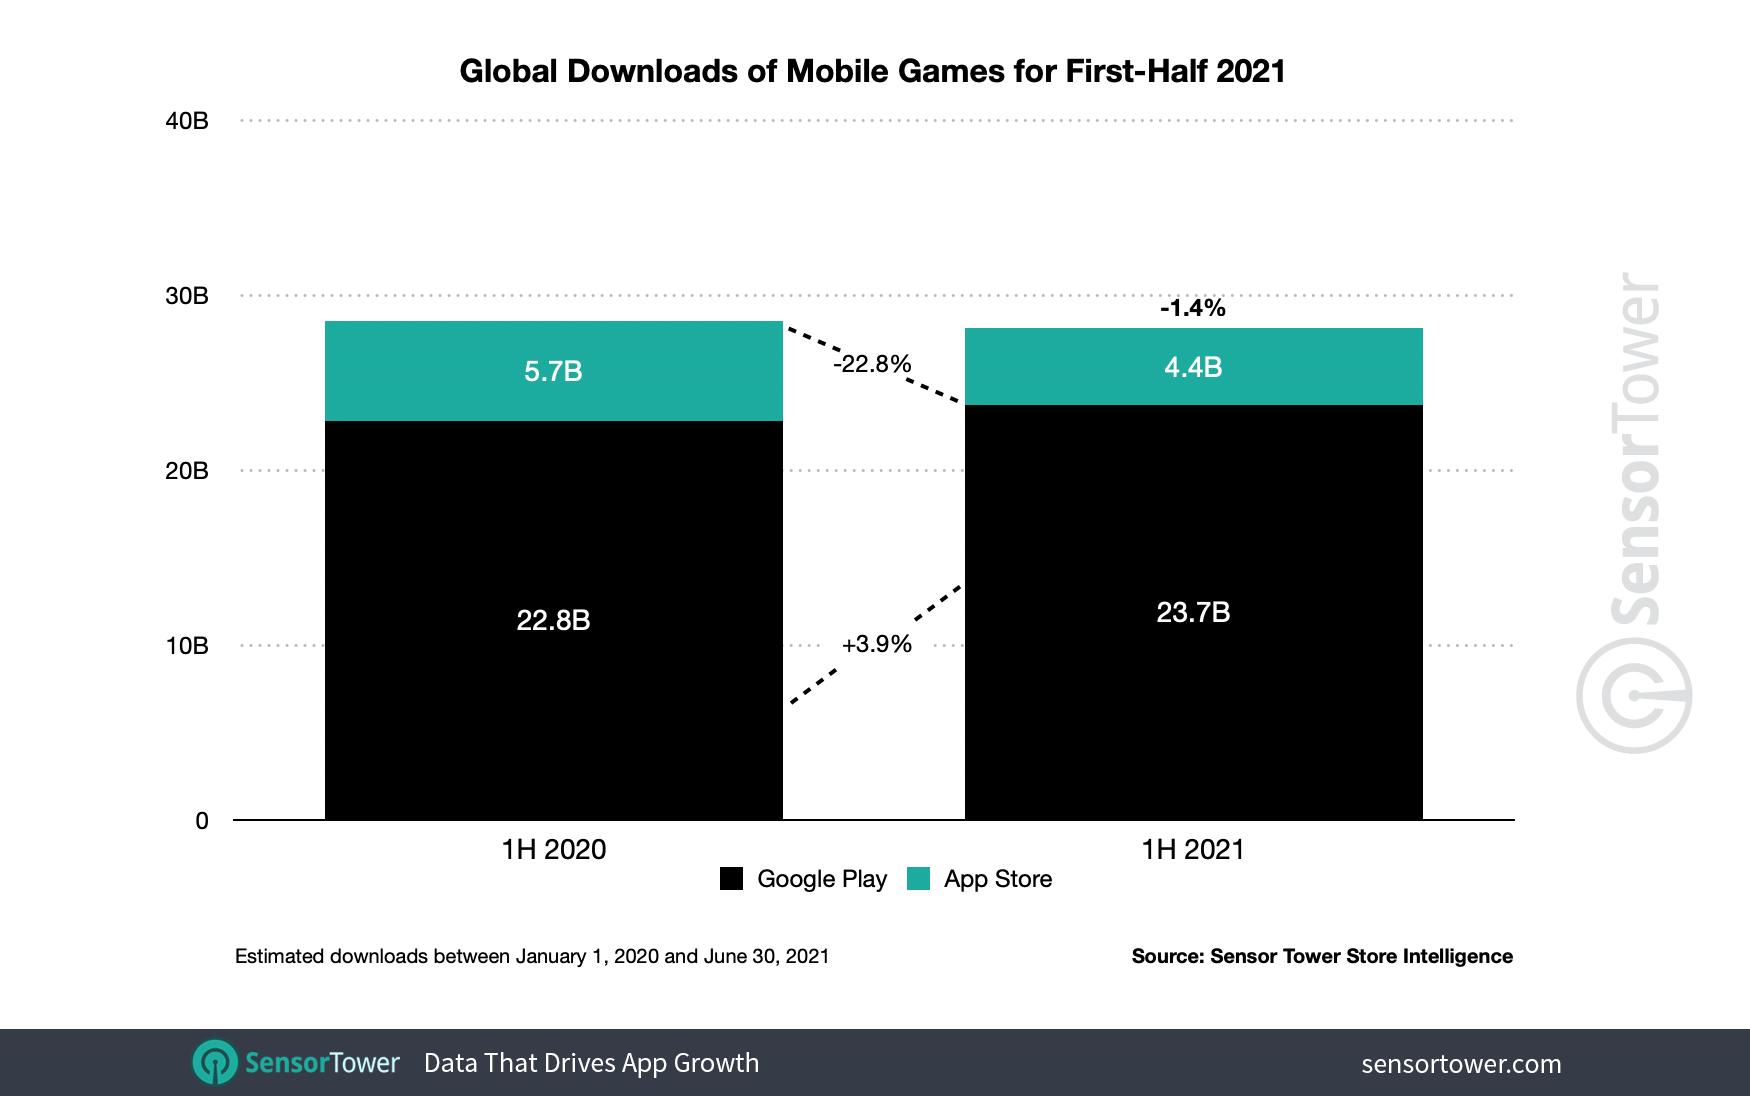 Загрузки мобильных игр за первое полугодие 2021 года